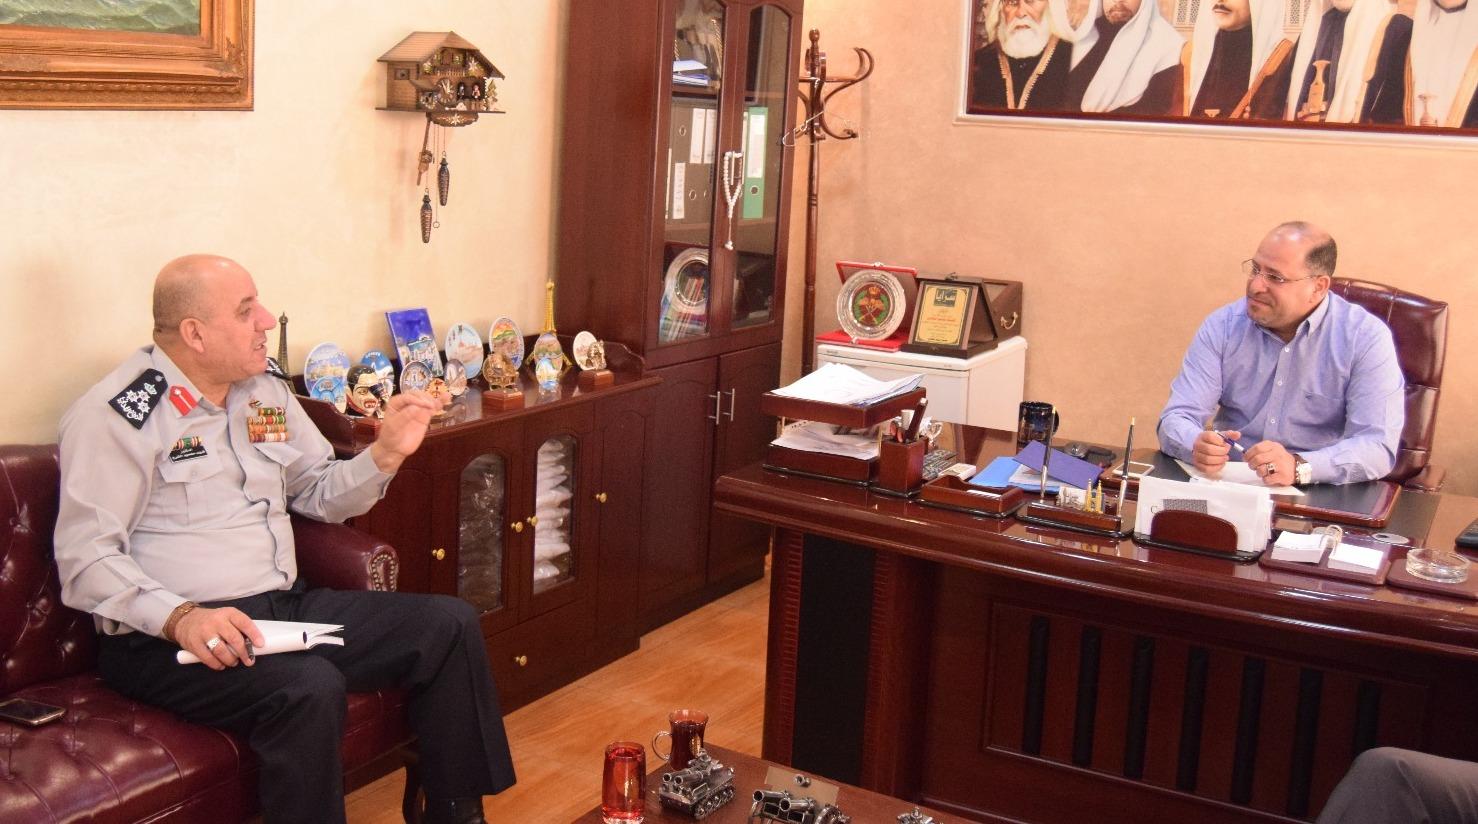 بالصور .. مدير إدارة الاعلام في الدفاع المدني العميد فريد الشرع يزور مكاتب سرايا